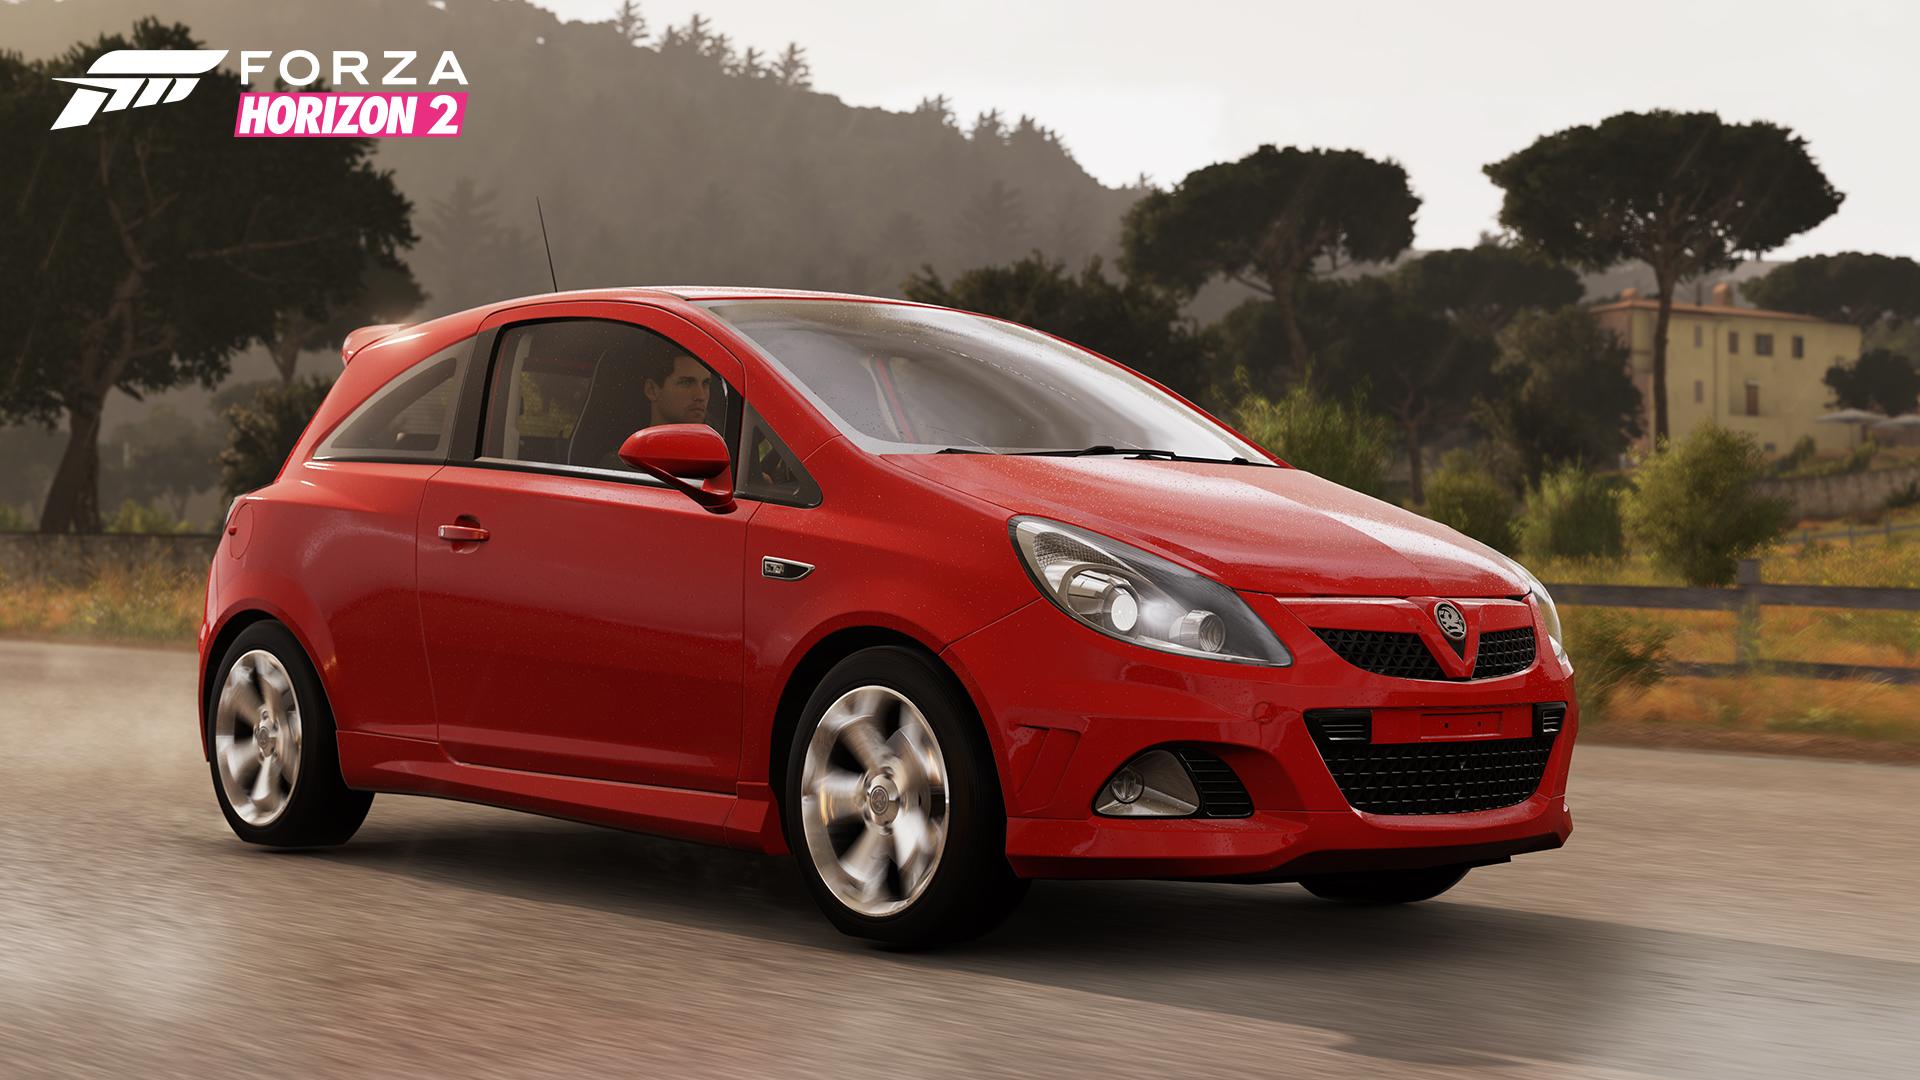 Revelados os primeiros 100 carros para Forza Horizon 2 VauxhallCorsa_WM_CarReveal_Week1_ForzaHorizon2